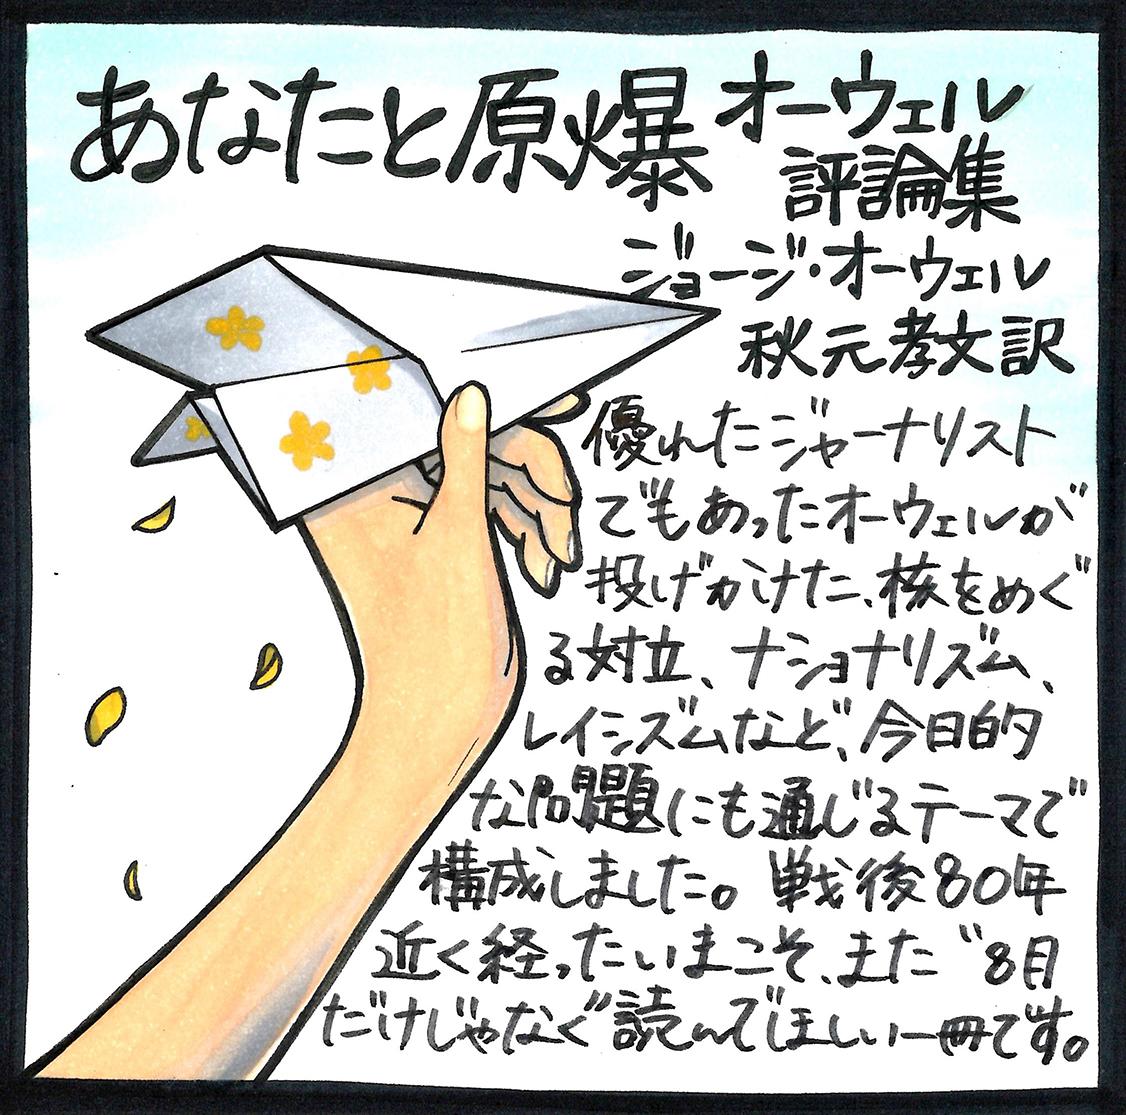 『あなたと原爆 オーウェル評論集』(ジョージ・オーウェル/ 秋元孝文 訳)POP